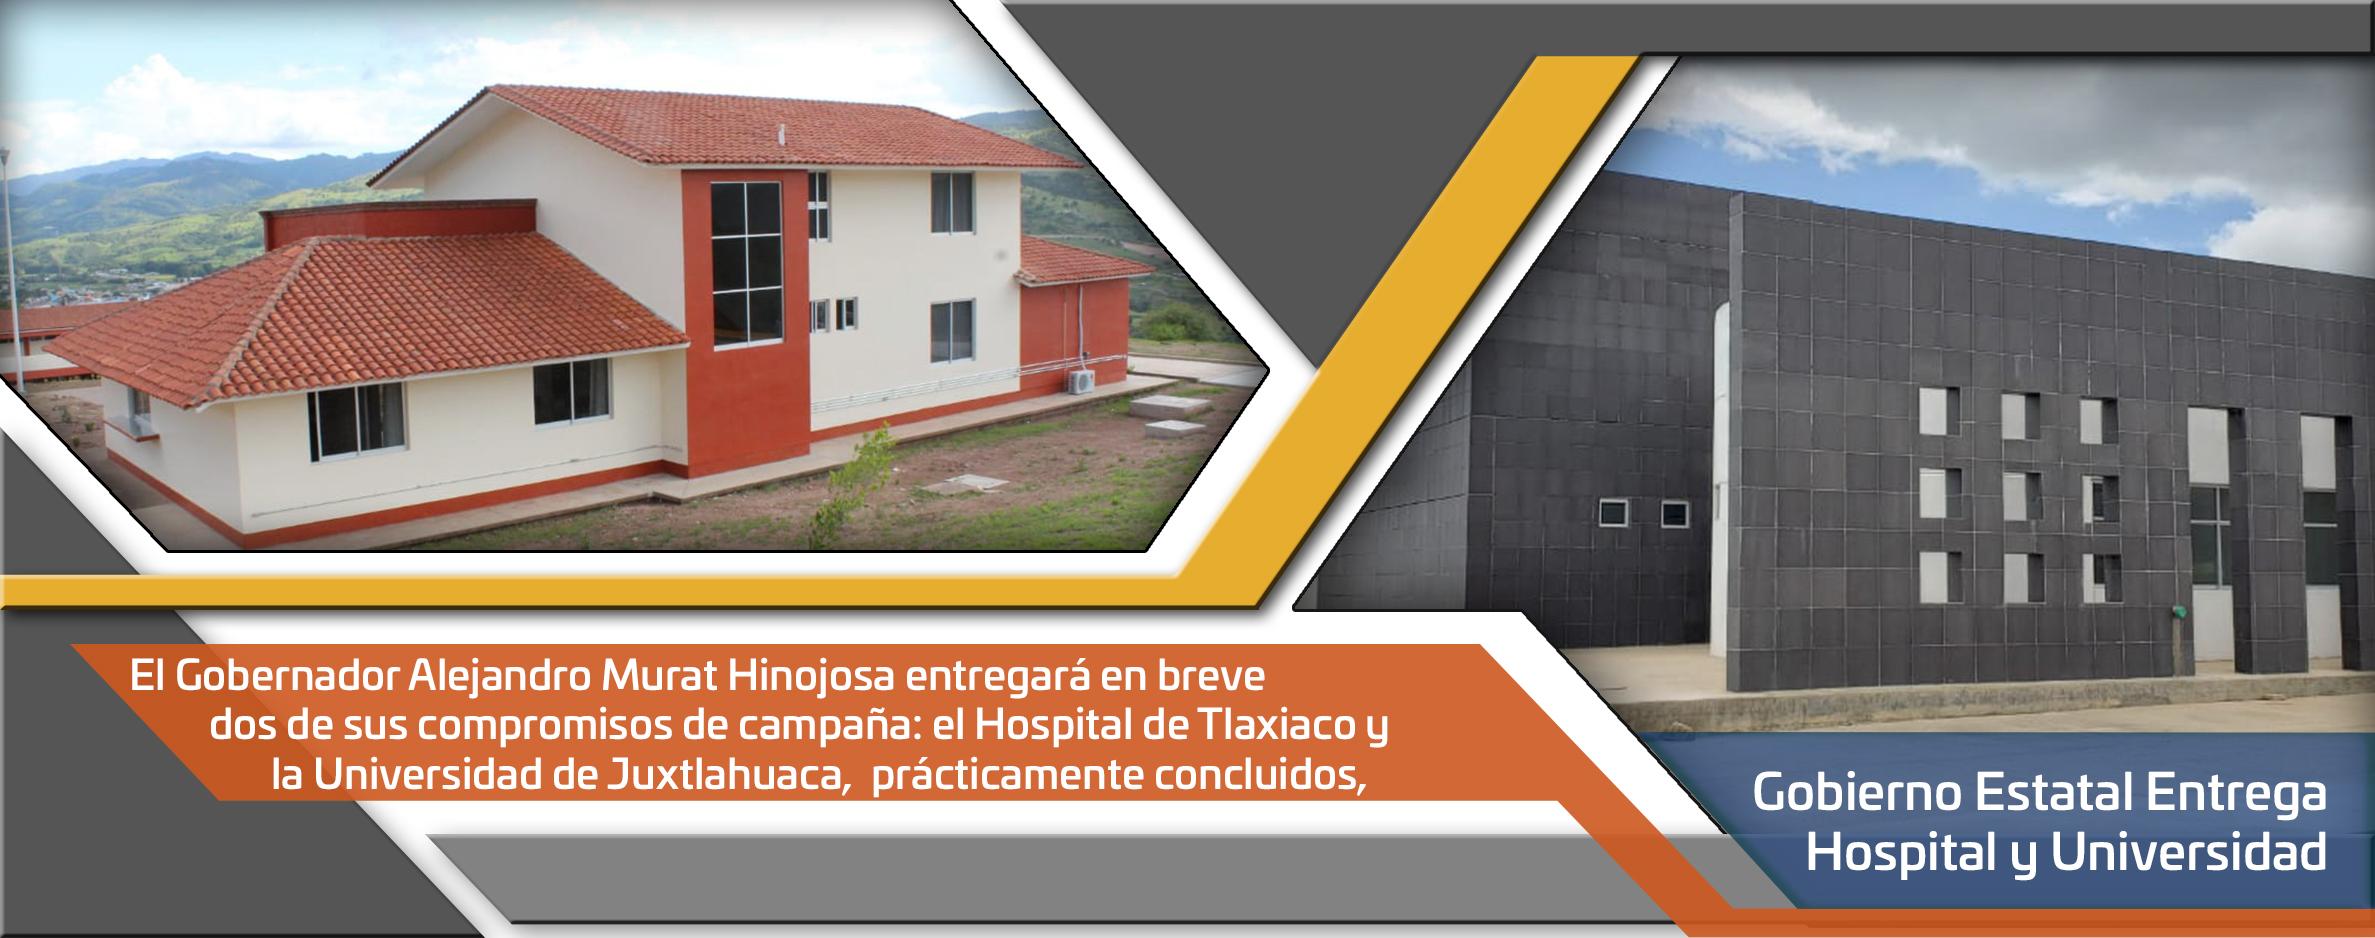 Gobierno de Oaxaca entrega la Universidad de Juxtlahuaca y el Hospital de Tlaxiaco